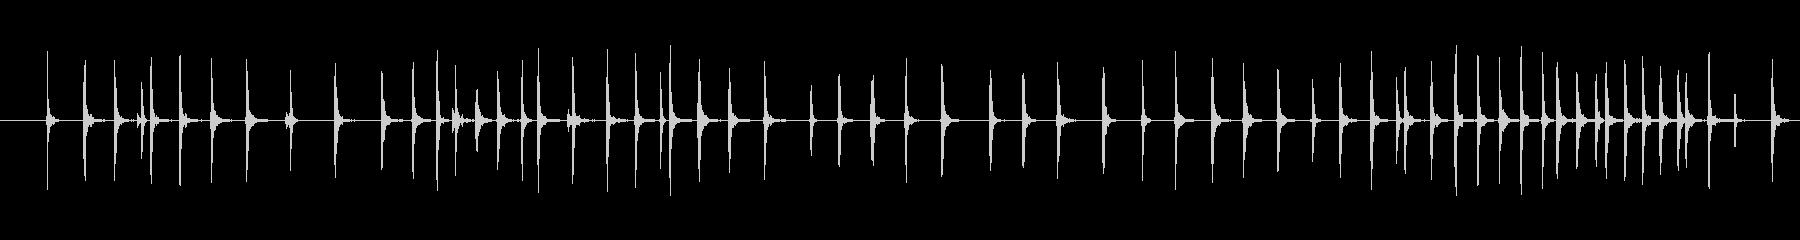 ゆっくりと巻き取られている釣りリー...の未再生の波形